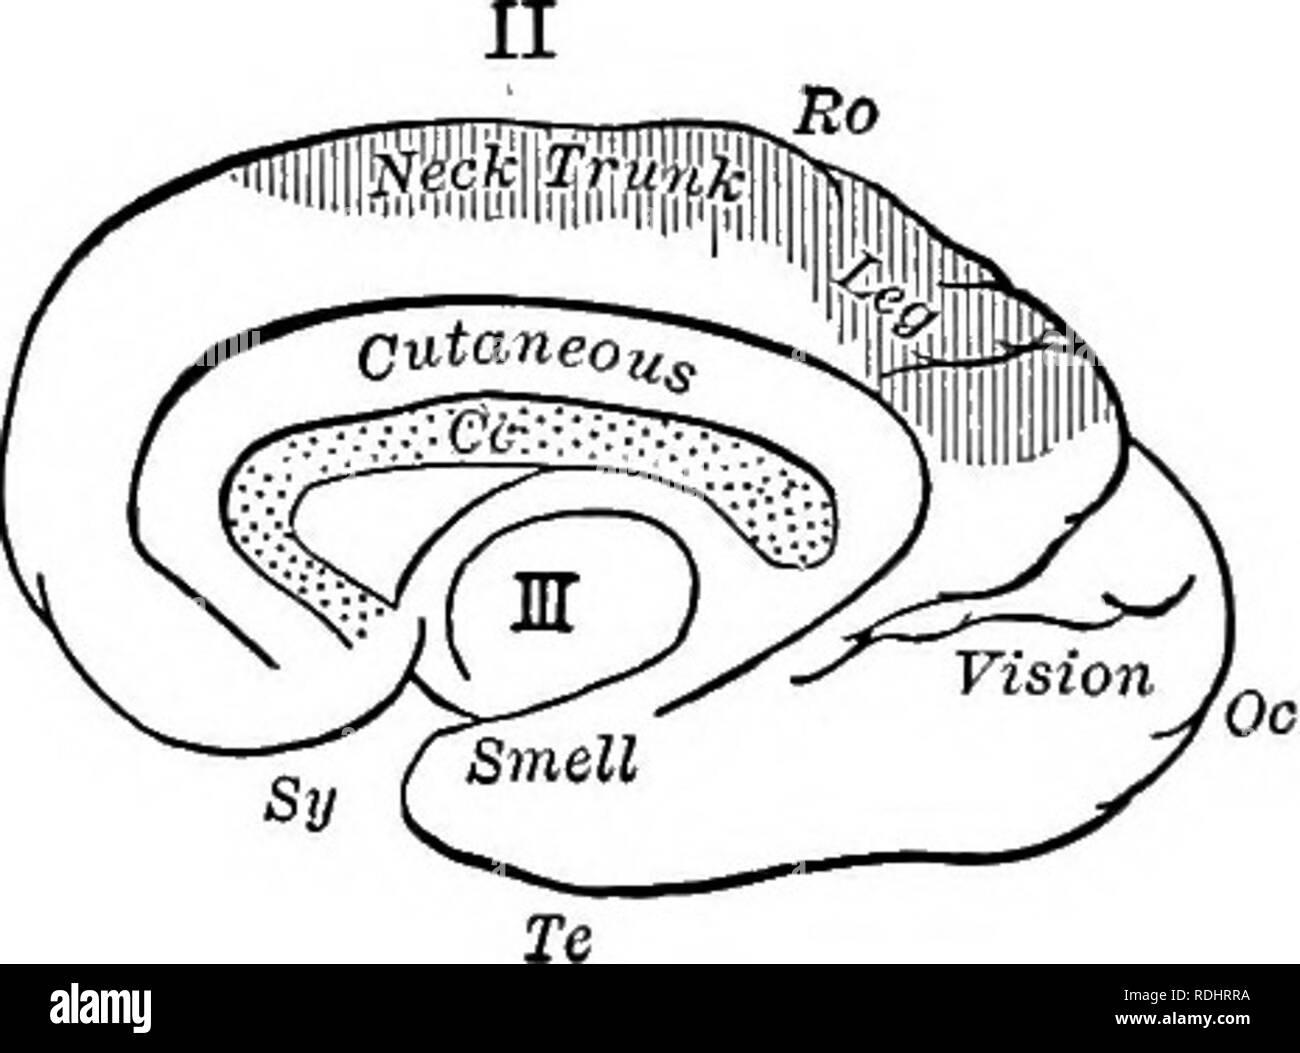 un libro de texto en general fisiologia y anatomia fisiologia comparativo anatomia vision fig 197 diagramas que ilustran la localizacion de funciones en el cerebro la superficie exterior del hemisferio izquierdo ii la superficie interior de la misma areas motoras estan sombreadas cc cuerpo calloso fr frontal lohe oc lohe occipital pa lobulo parietal ito fisura de rolando s sylvian fisura ftci lobulo temporal lado derecho del cuerpo y viceversa el jefe de areas motoras y sensoriales de los hemisferios se muestran en la figura 197 fiinctions de medula este es el centro de esos reflejos que contro rdhrra un libro de texto en general, fisiología y anatomía fisiología